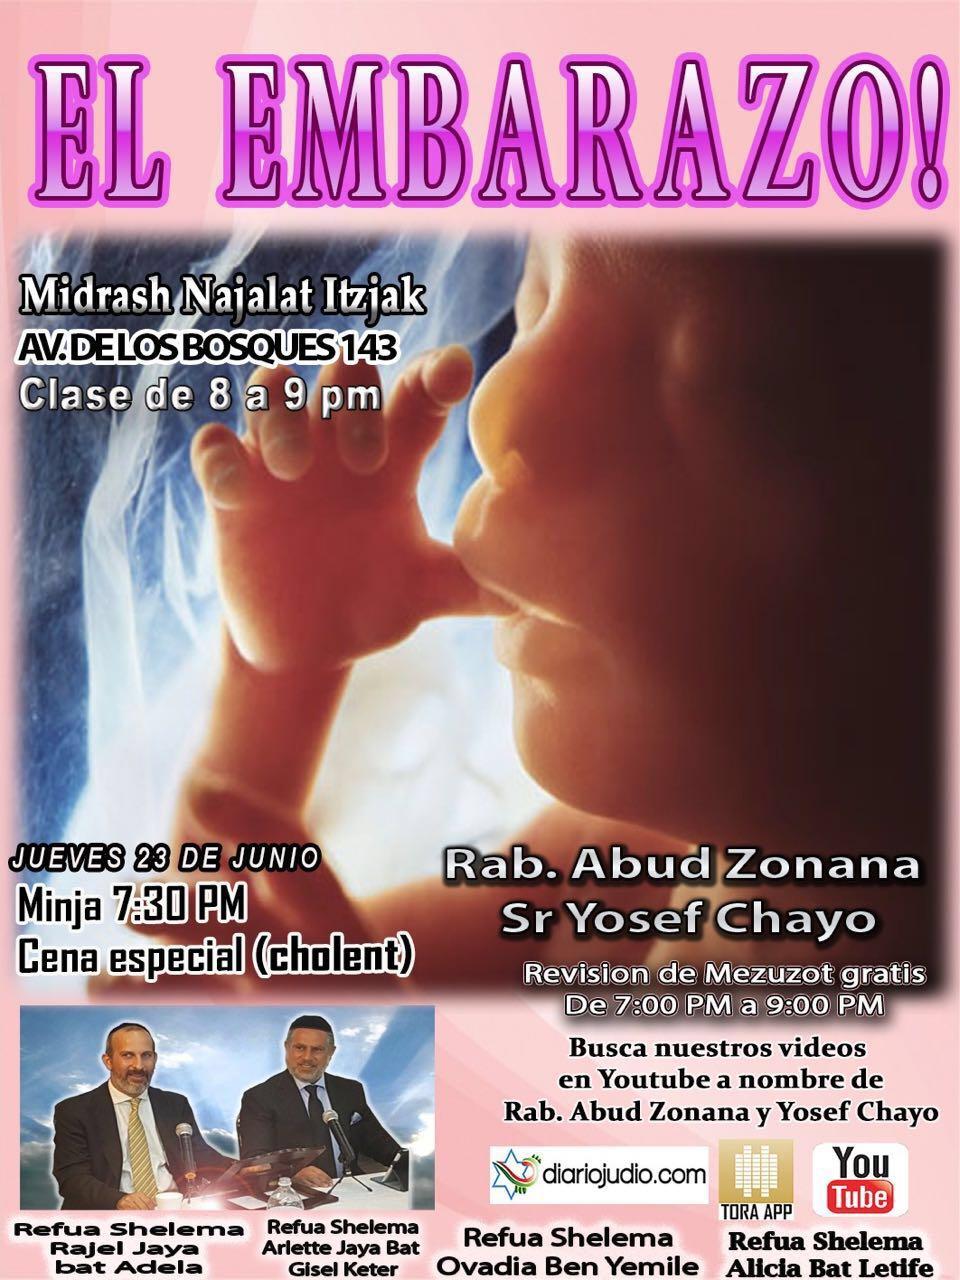 Tips para el embarazo, sobre infertilidad y el judaismo